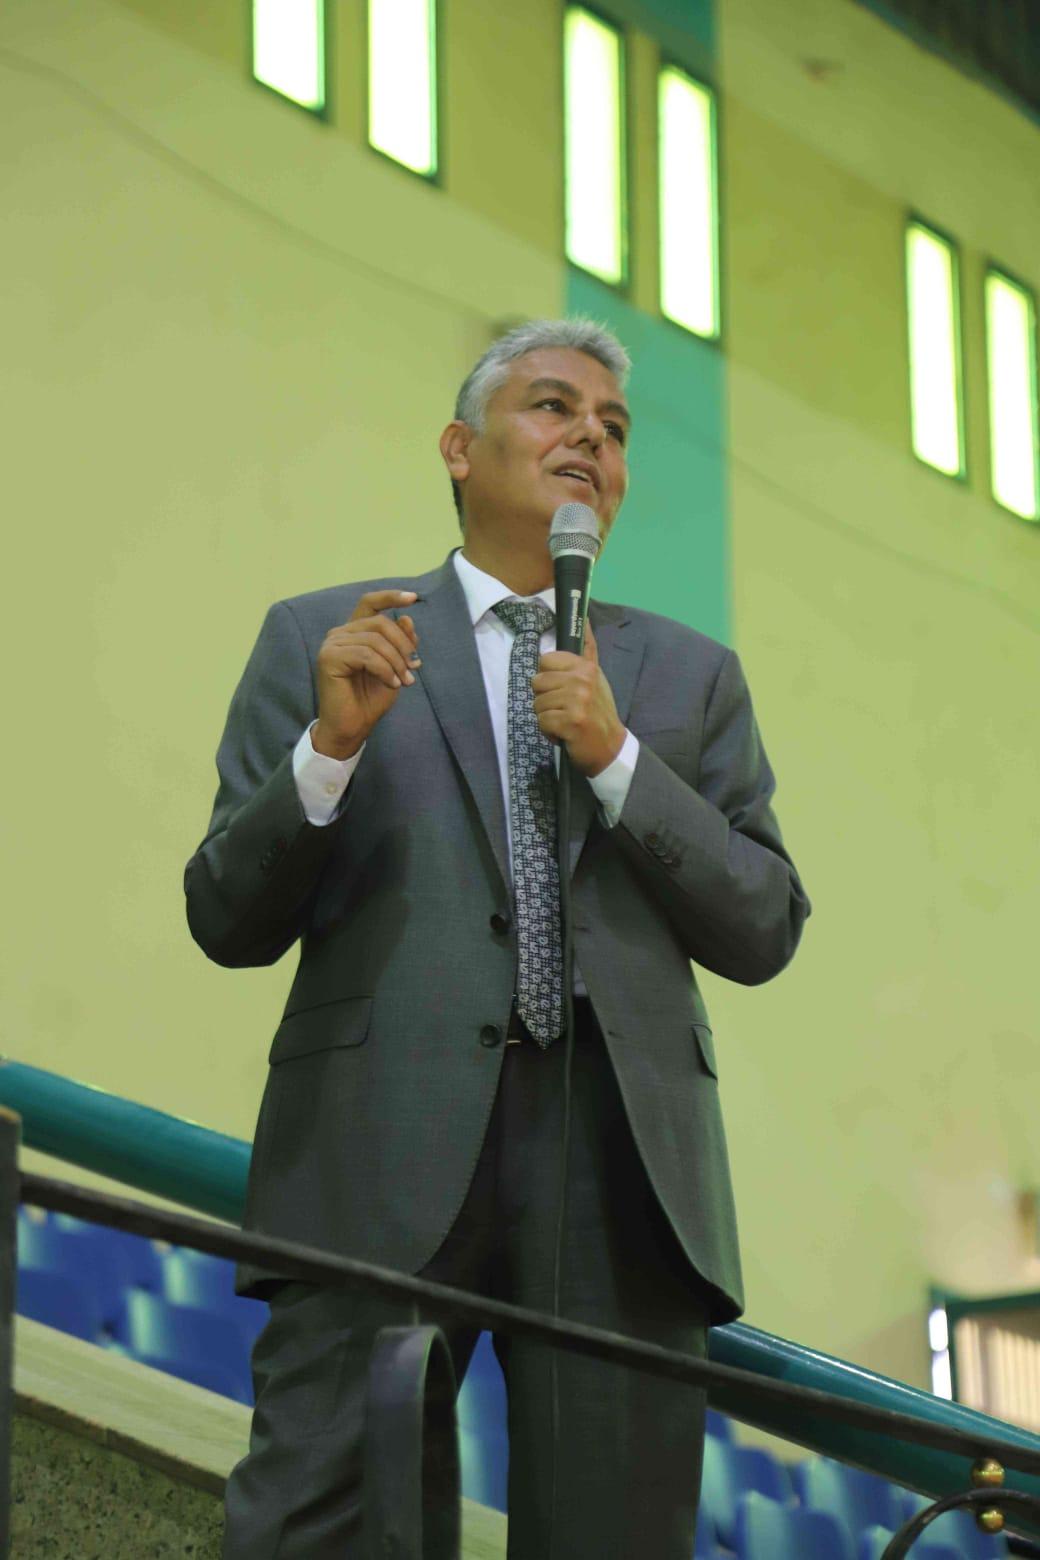 رئيس جامعة جنوب الوادى يشهد احتفالية الجامعة بنصر اكتوبر المجيد